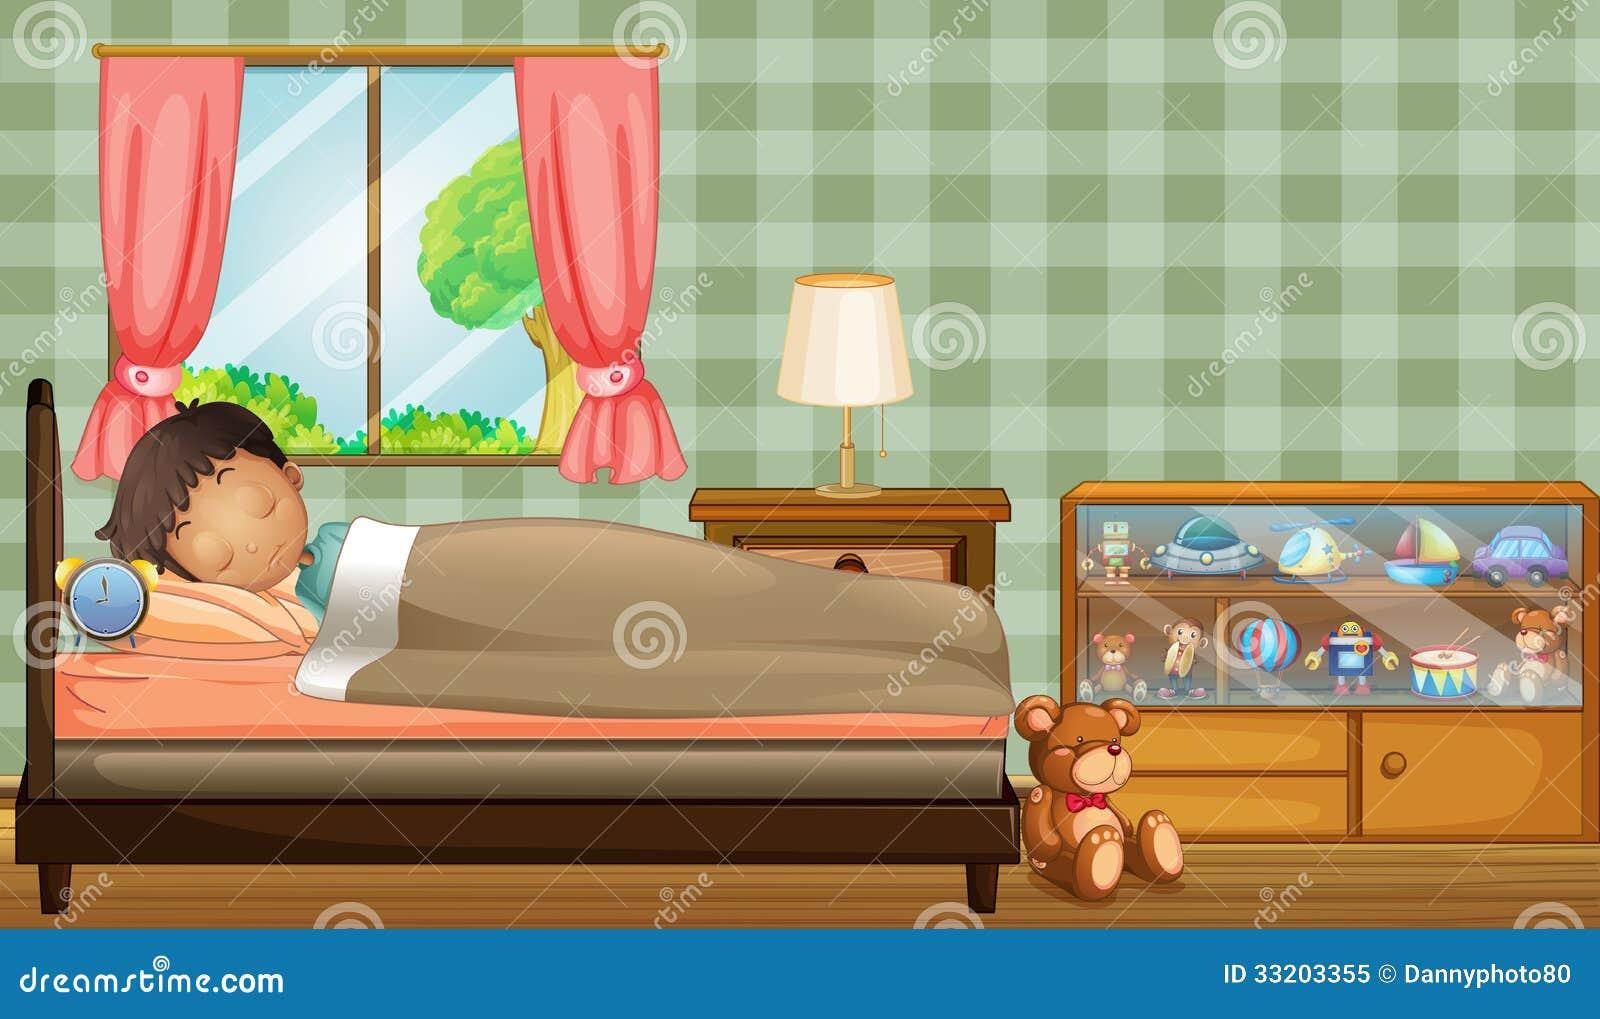 Un ragazzo che dorme bene dentro la sua stanza